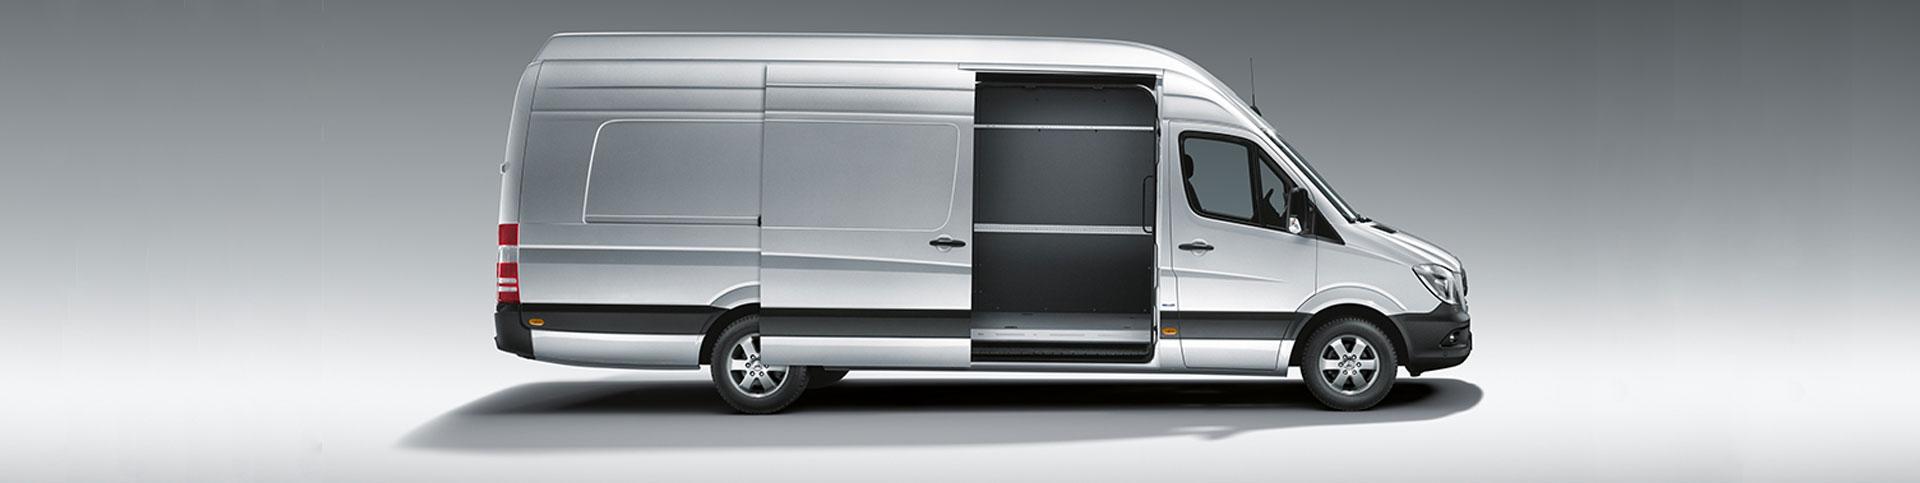 right view of van